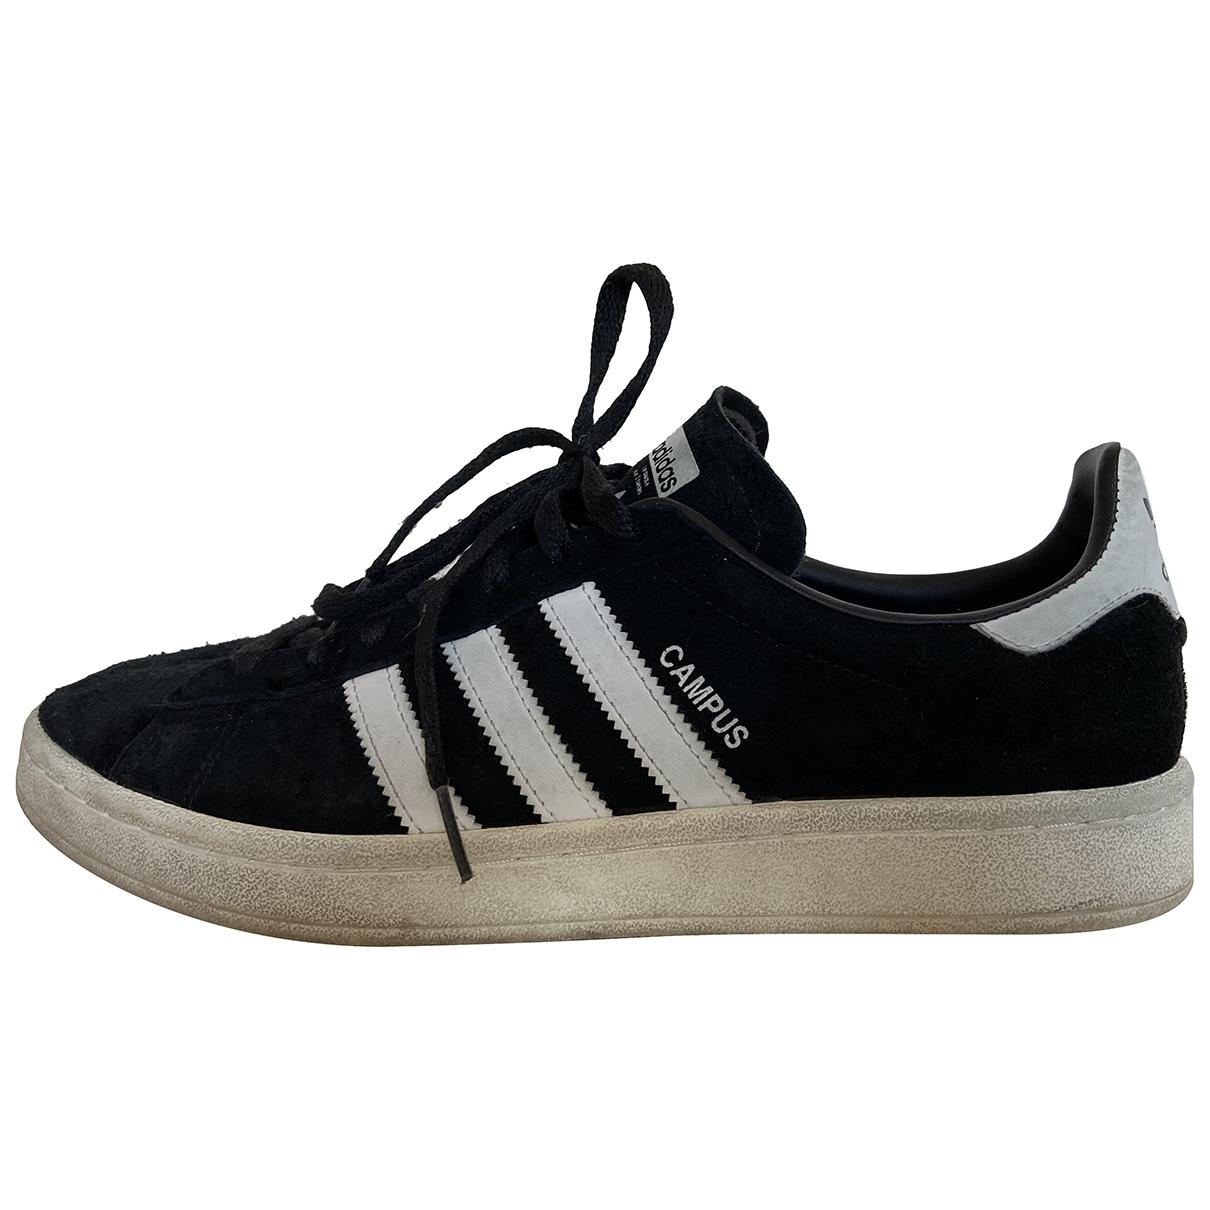 Adidas - Baskets   pour homme en suede - noir